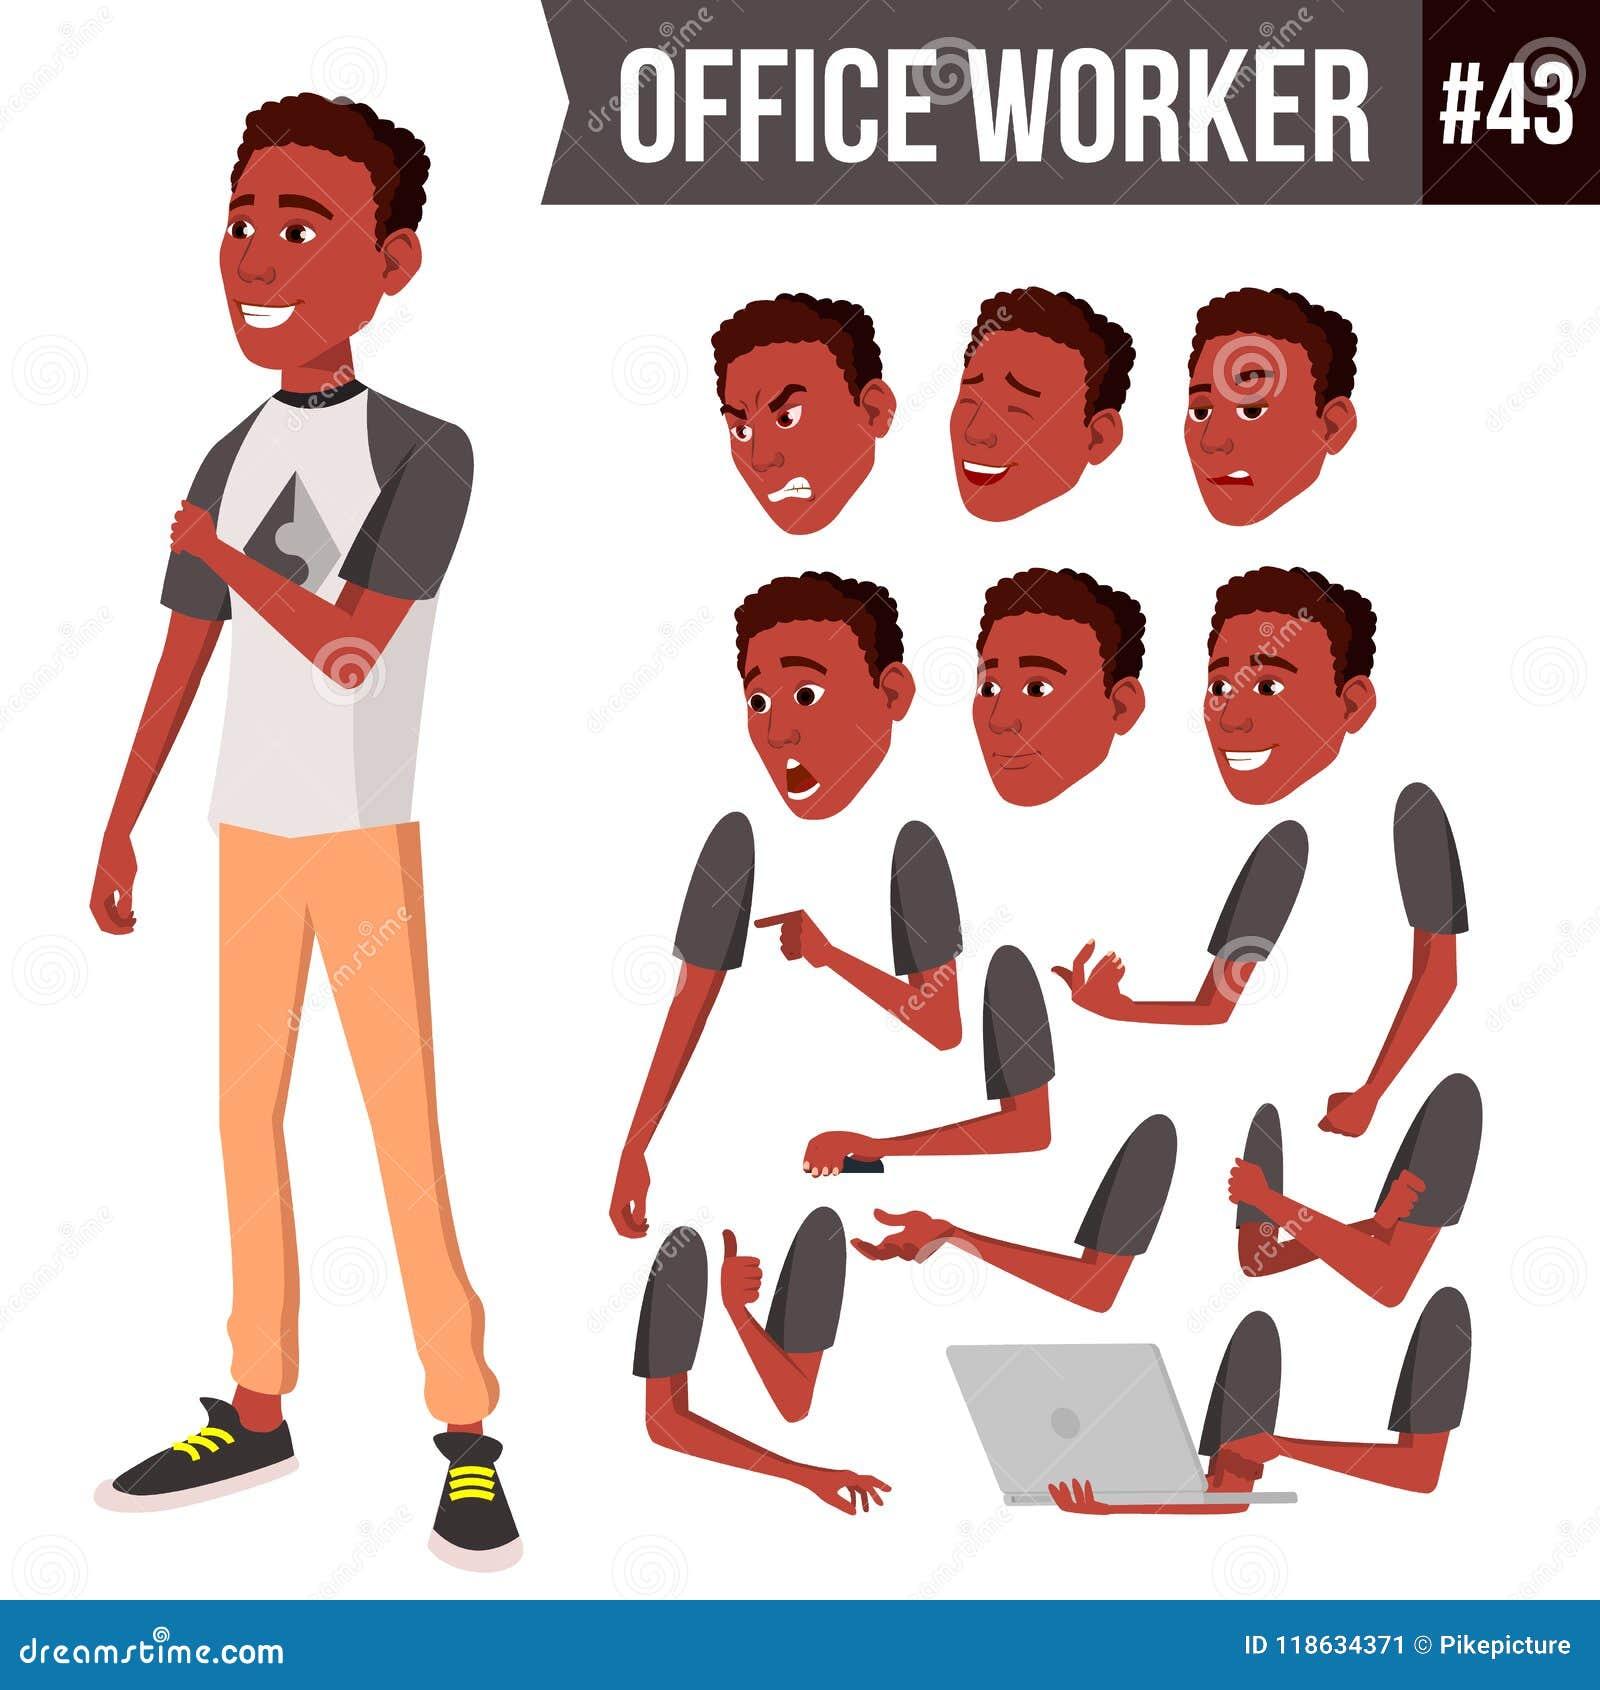 Vetor do trabalhador de escritório Emoções da cara, africano, preto Vários gestos Grupo da criação da animação Pessoa do negócio